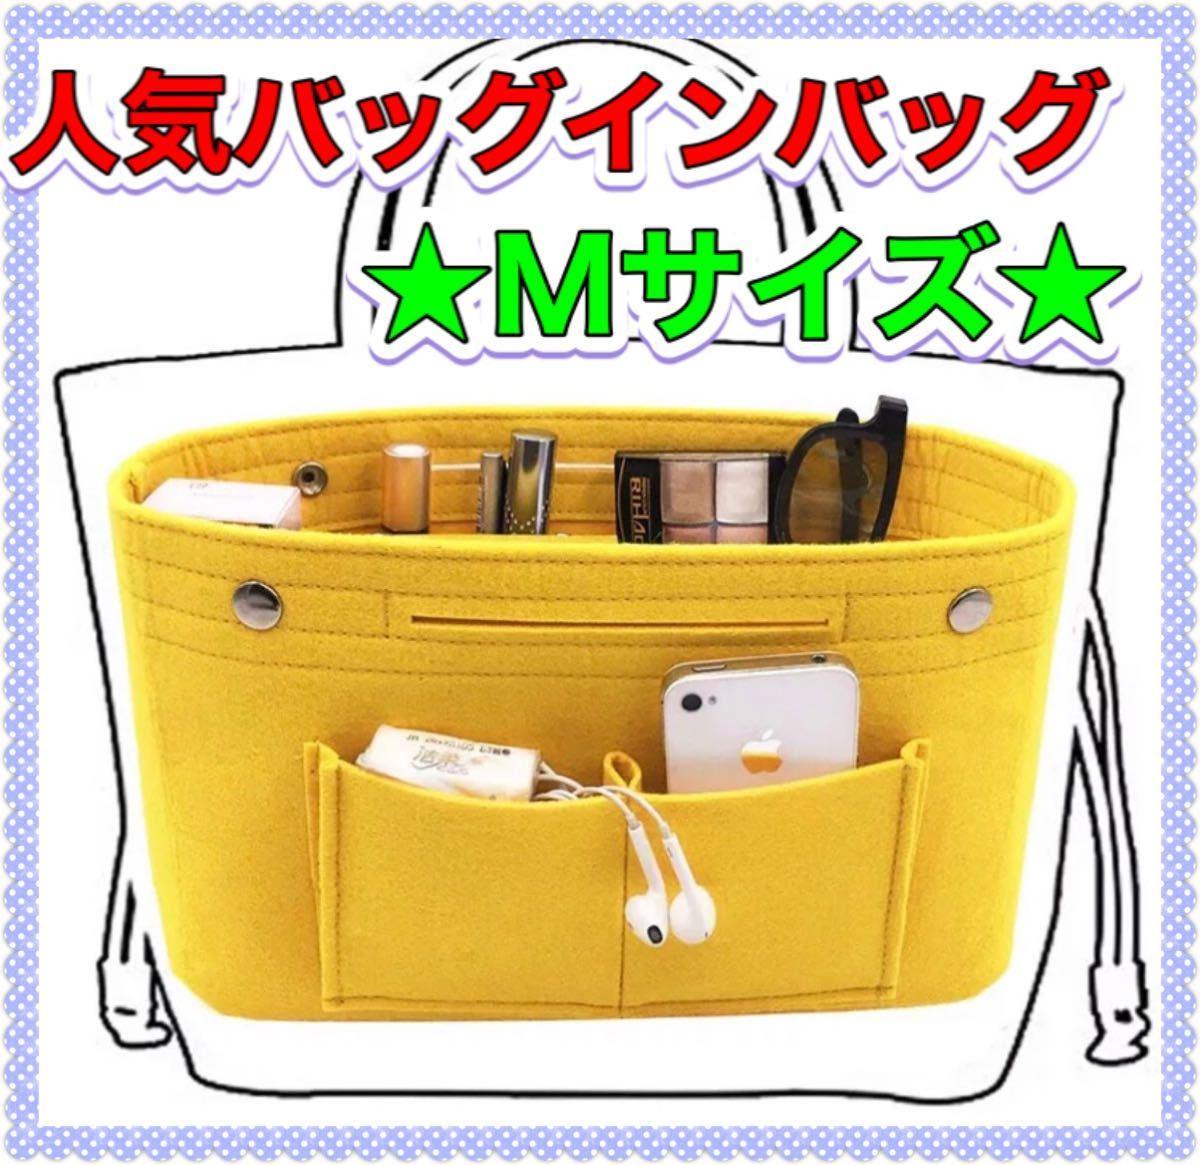 バッグインバッグ インナーバッグ フェルト 大容量 収納 整理整頓 バックインバック 黄色 ポーチ ハンドバッグ 男女兼用